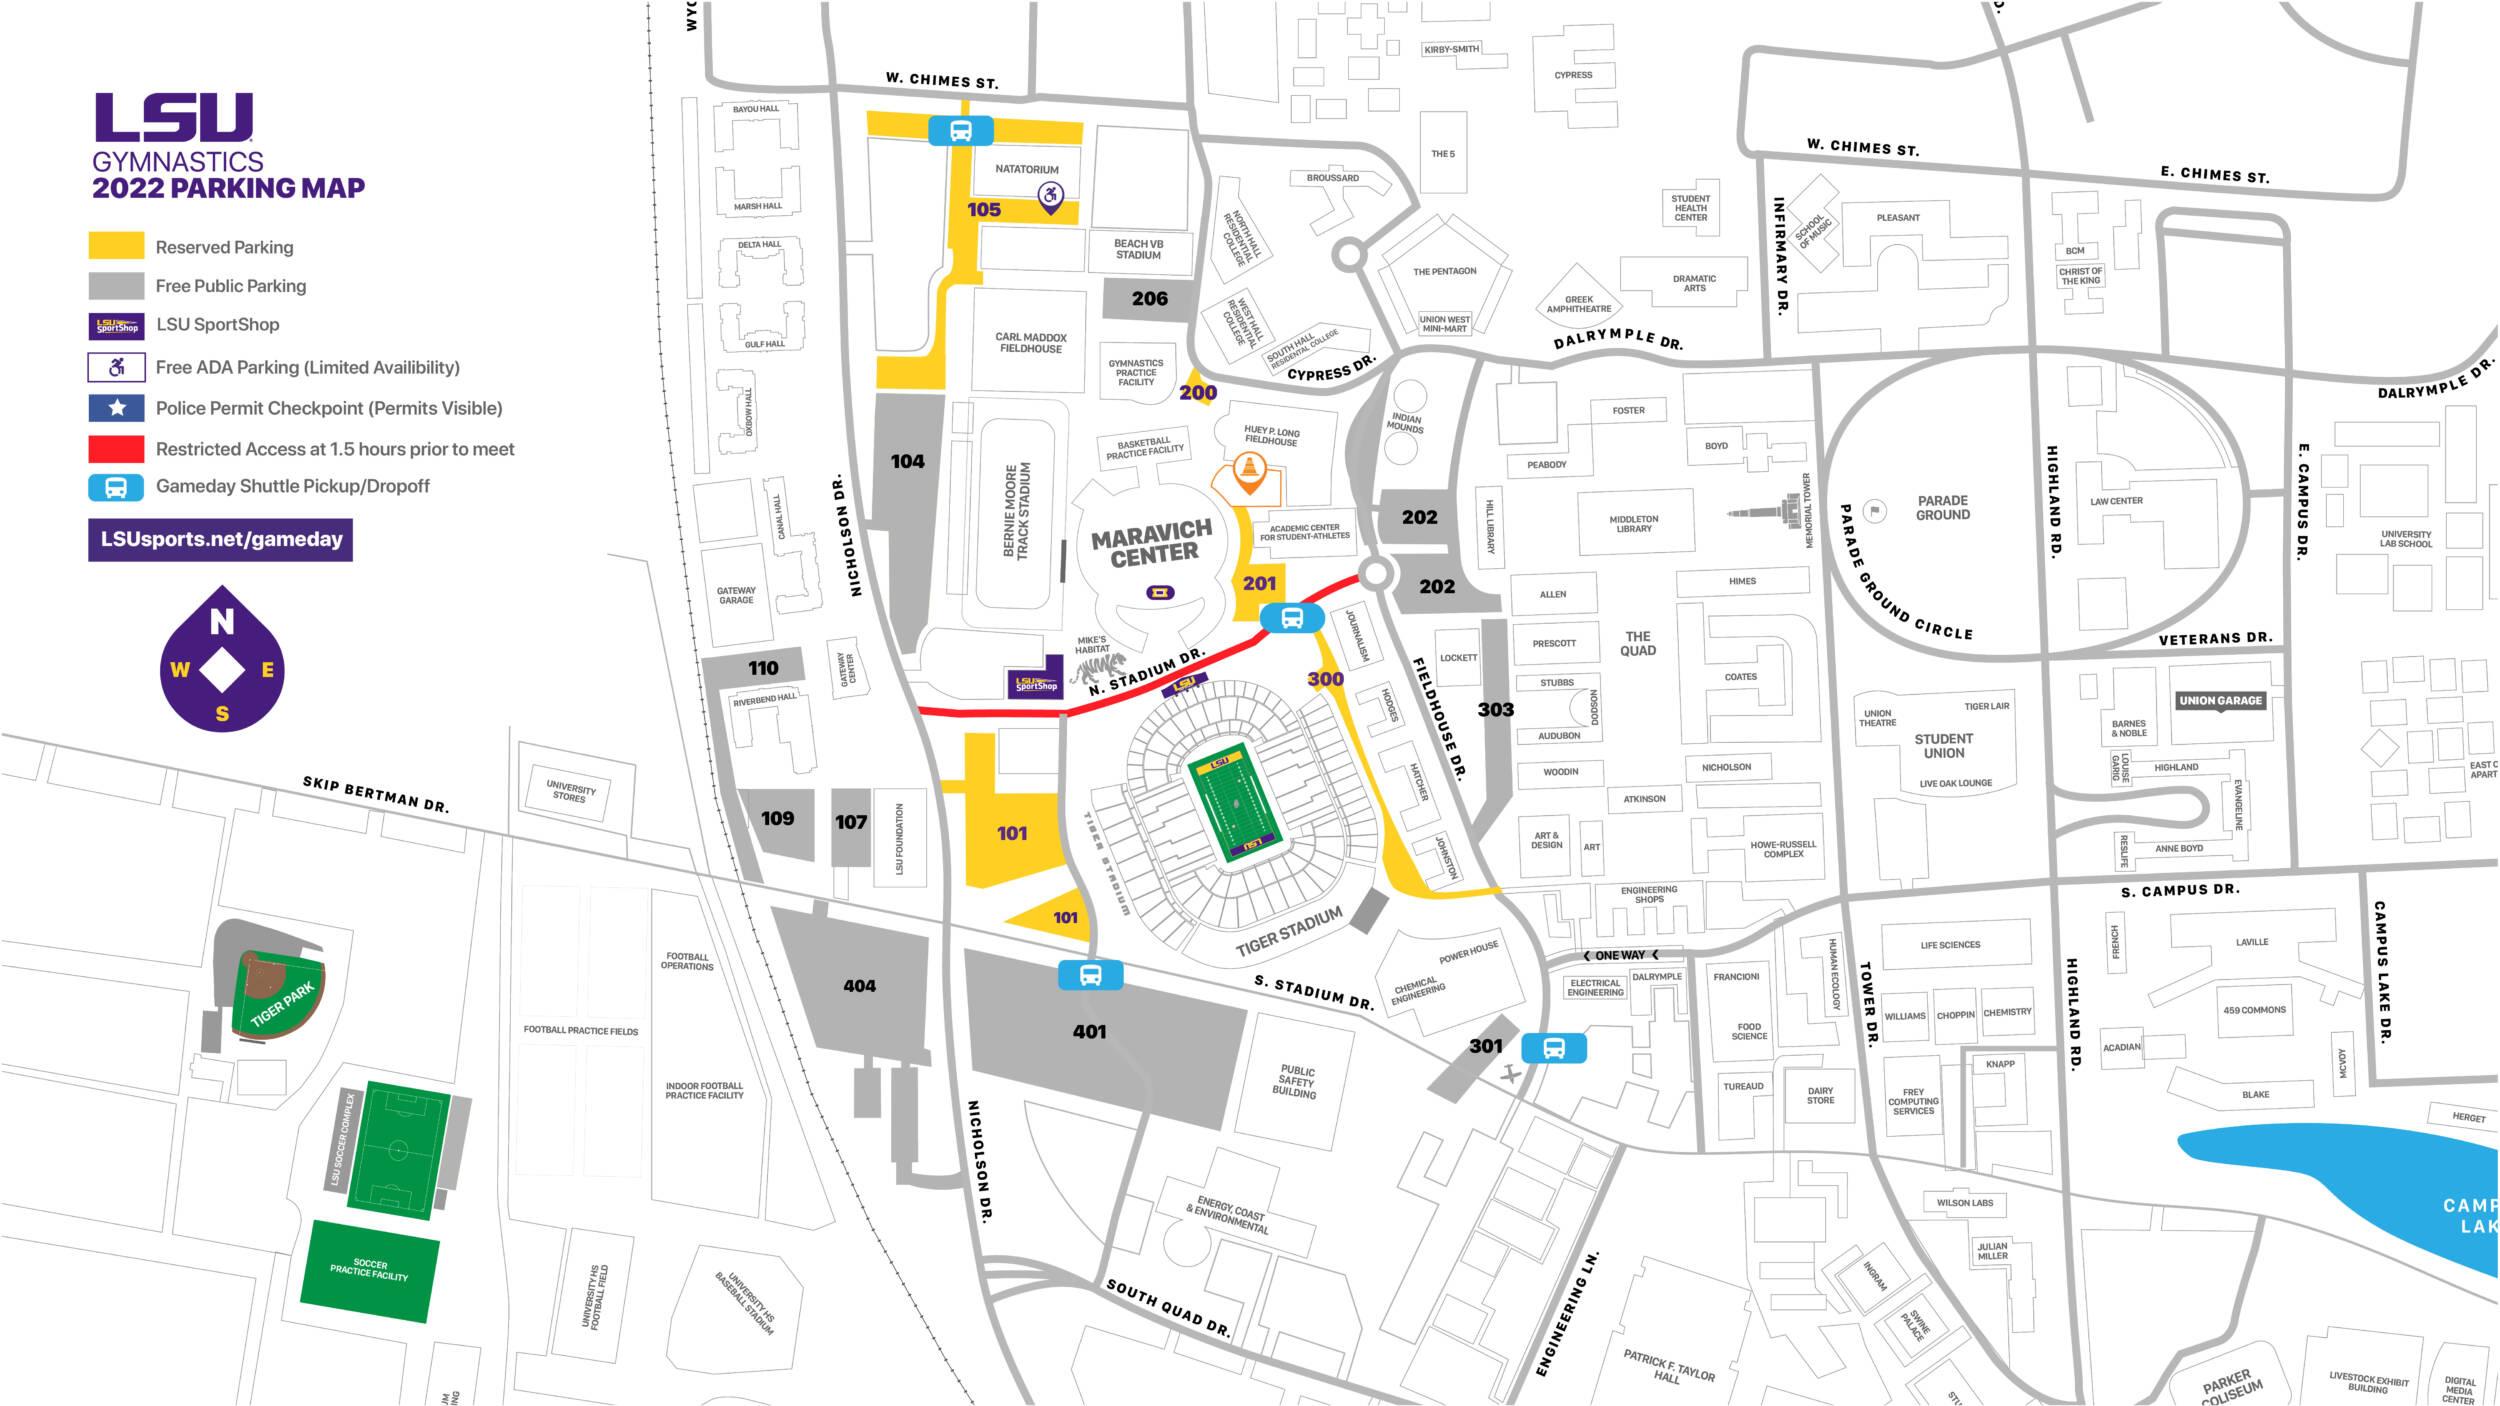 2021 LSU Gymnastics Parking Map